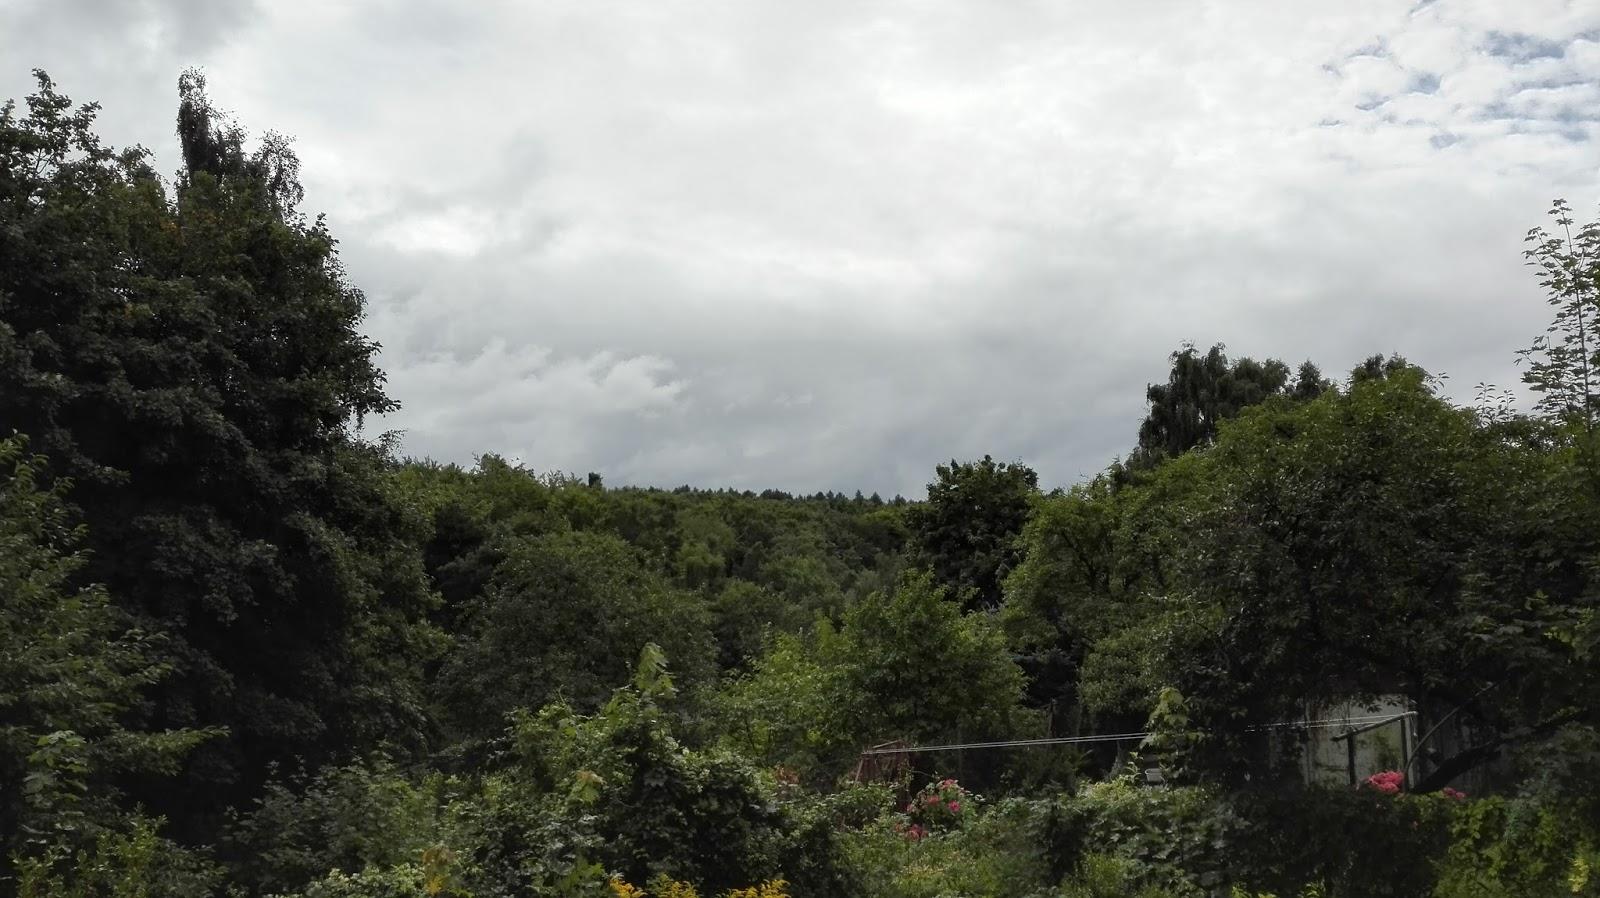 Letni las oraz działki